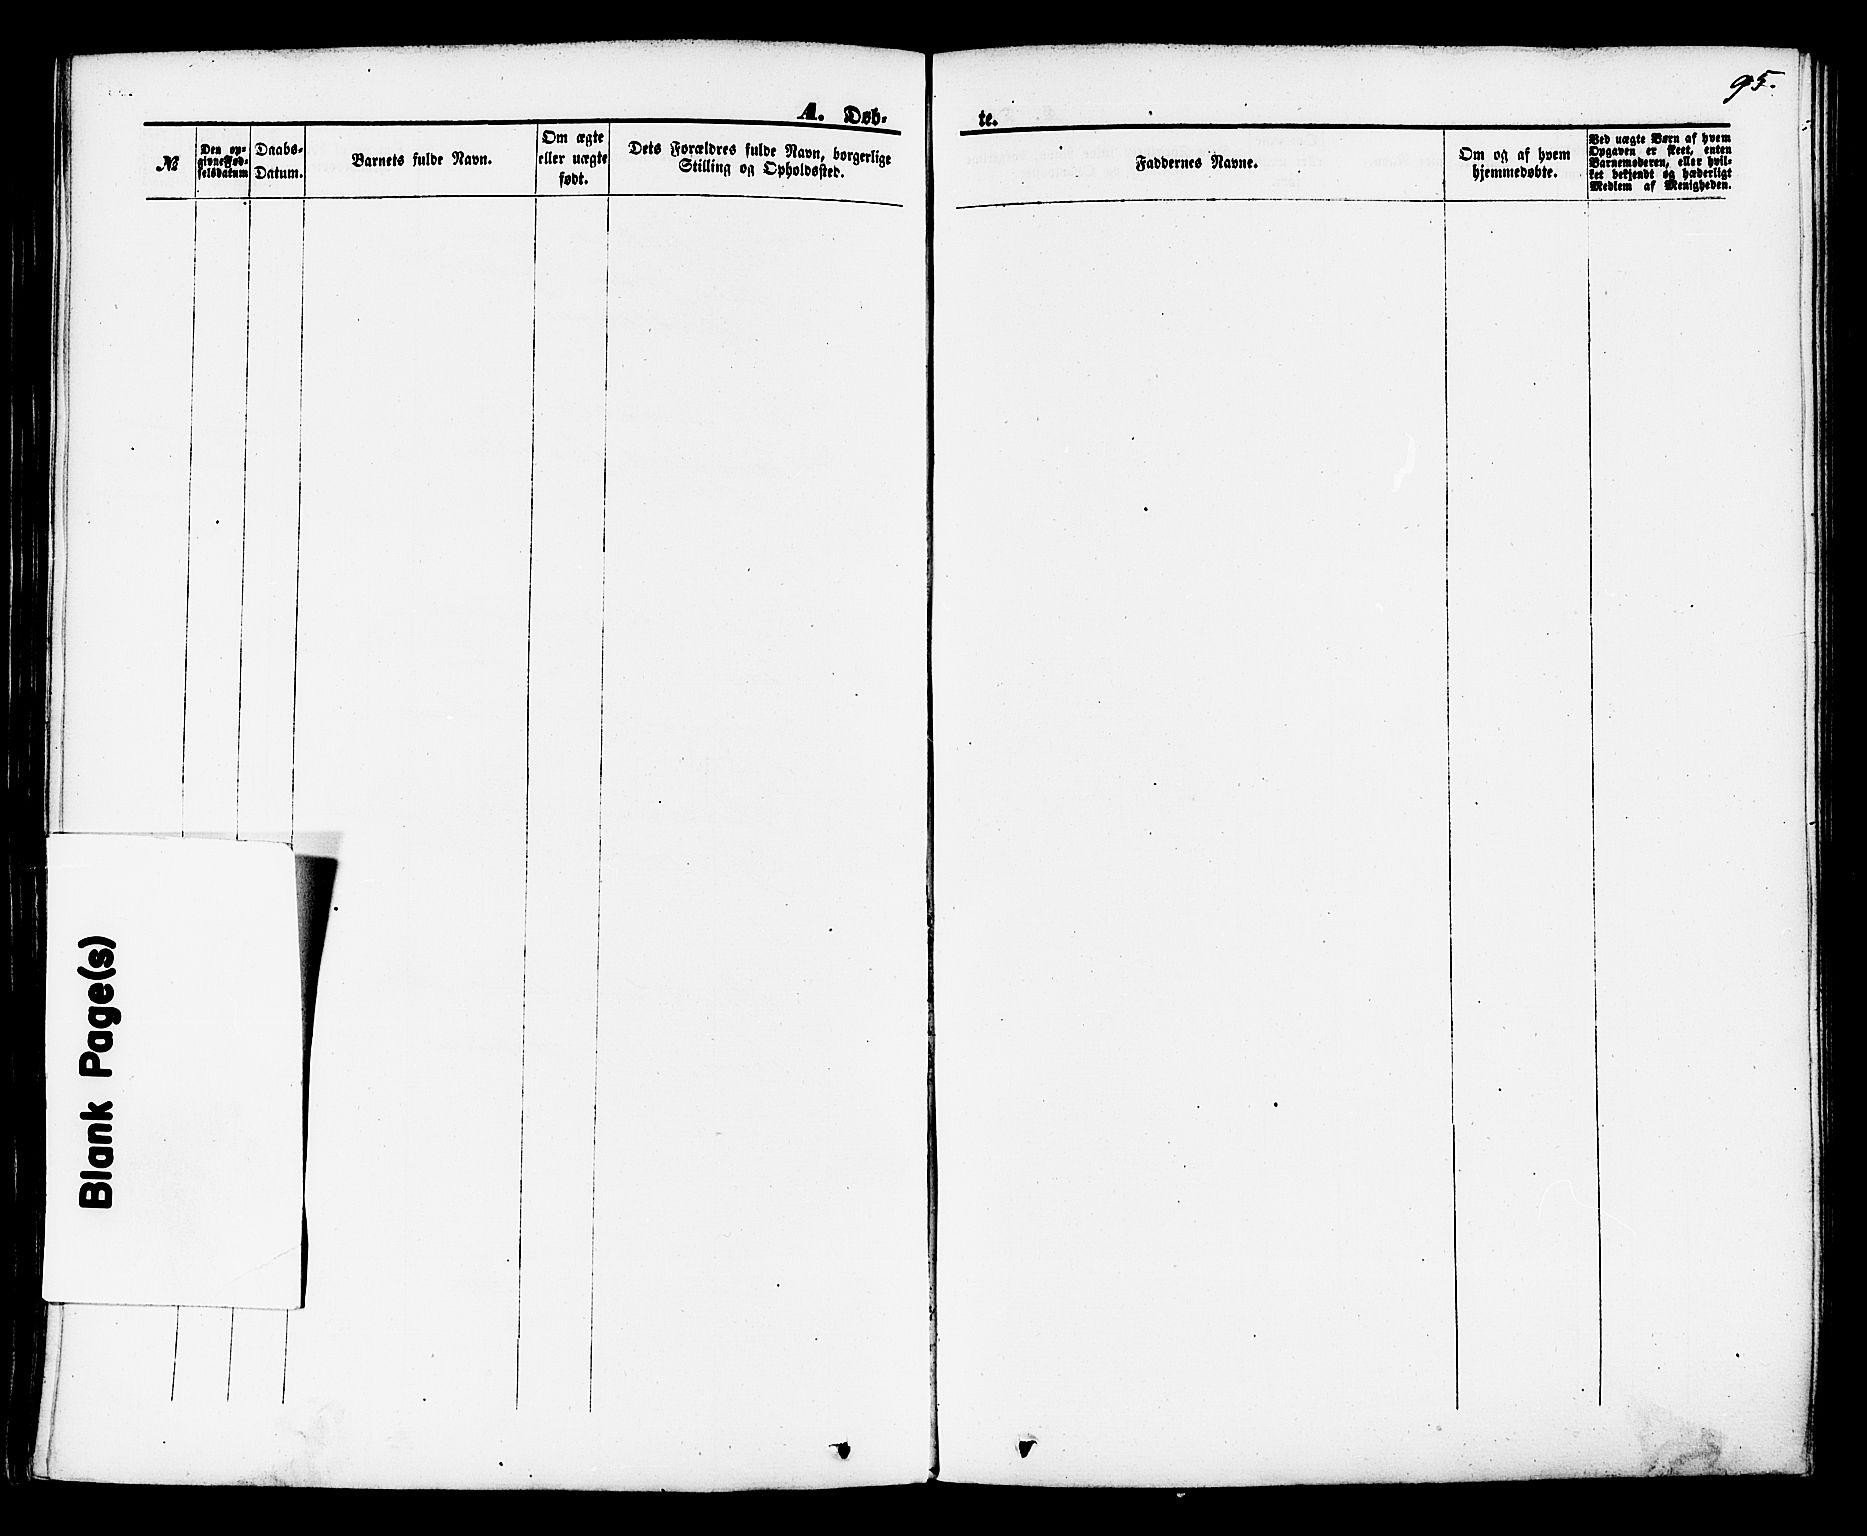 SAKO, Brevik kirkebøker, F/Fa/L0006: Ministerialbok nr. 6, 1866-1881, s. 95